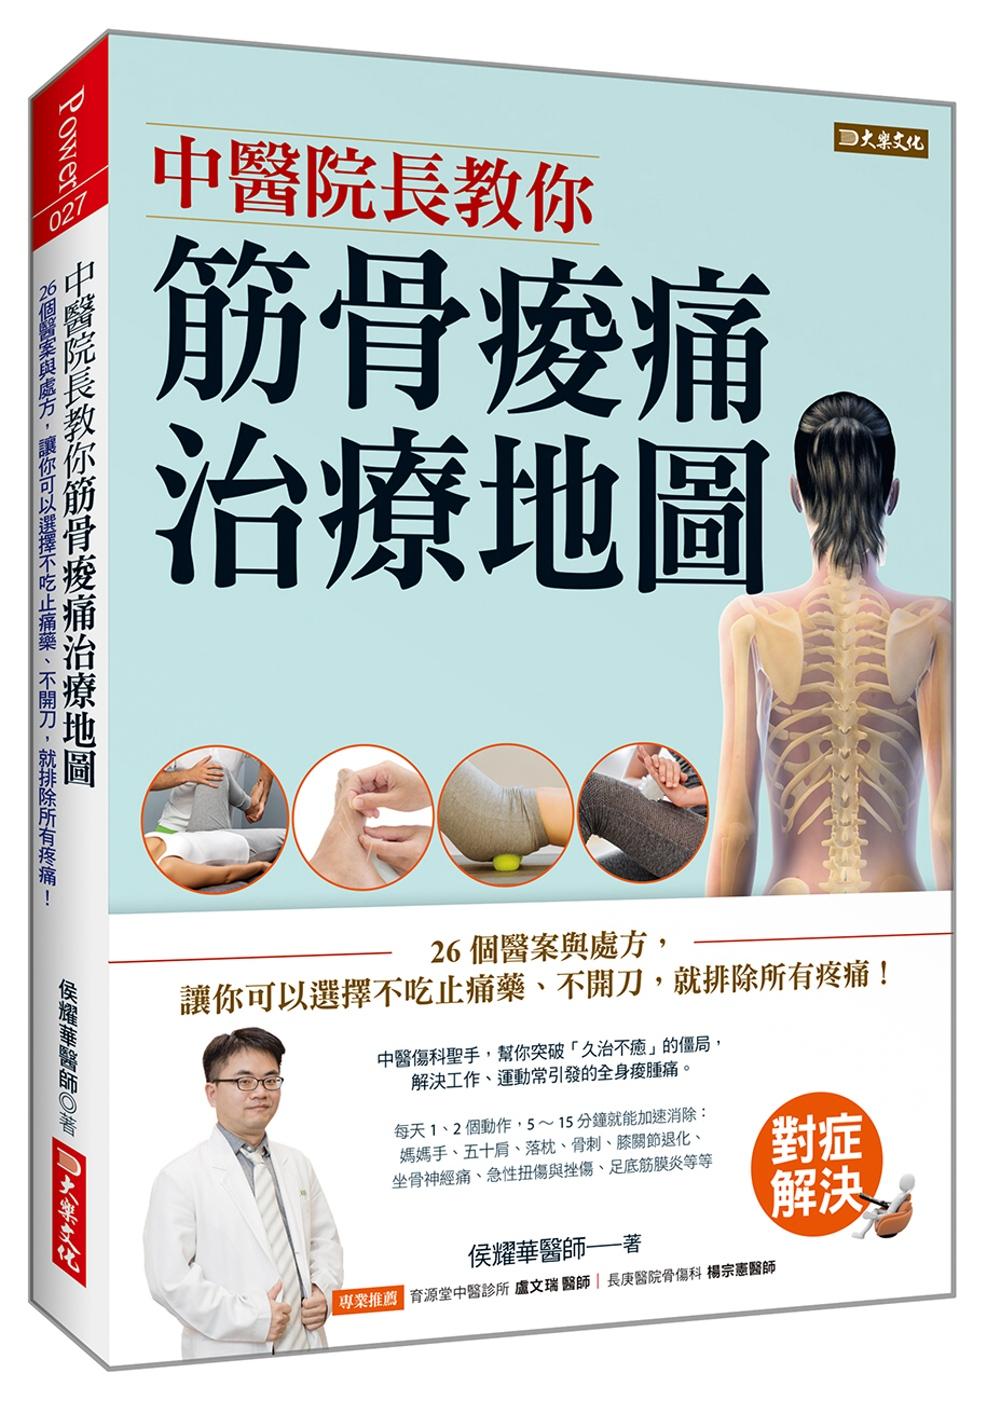 中醫院長教你 筋骨痠痛治療地圖...